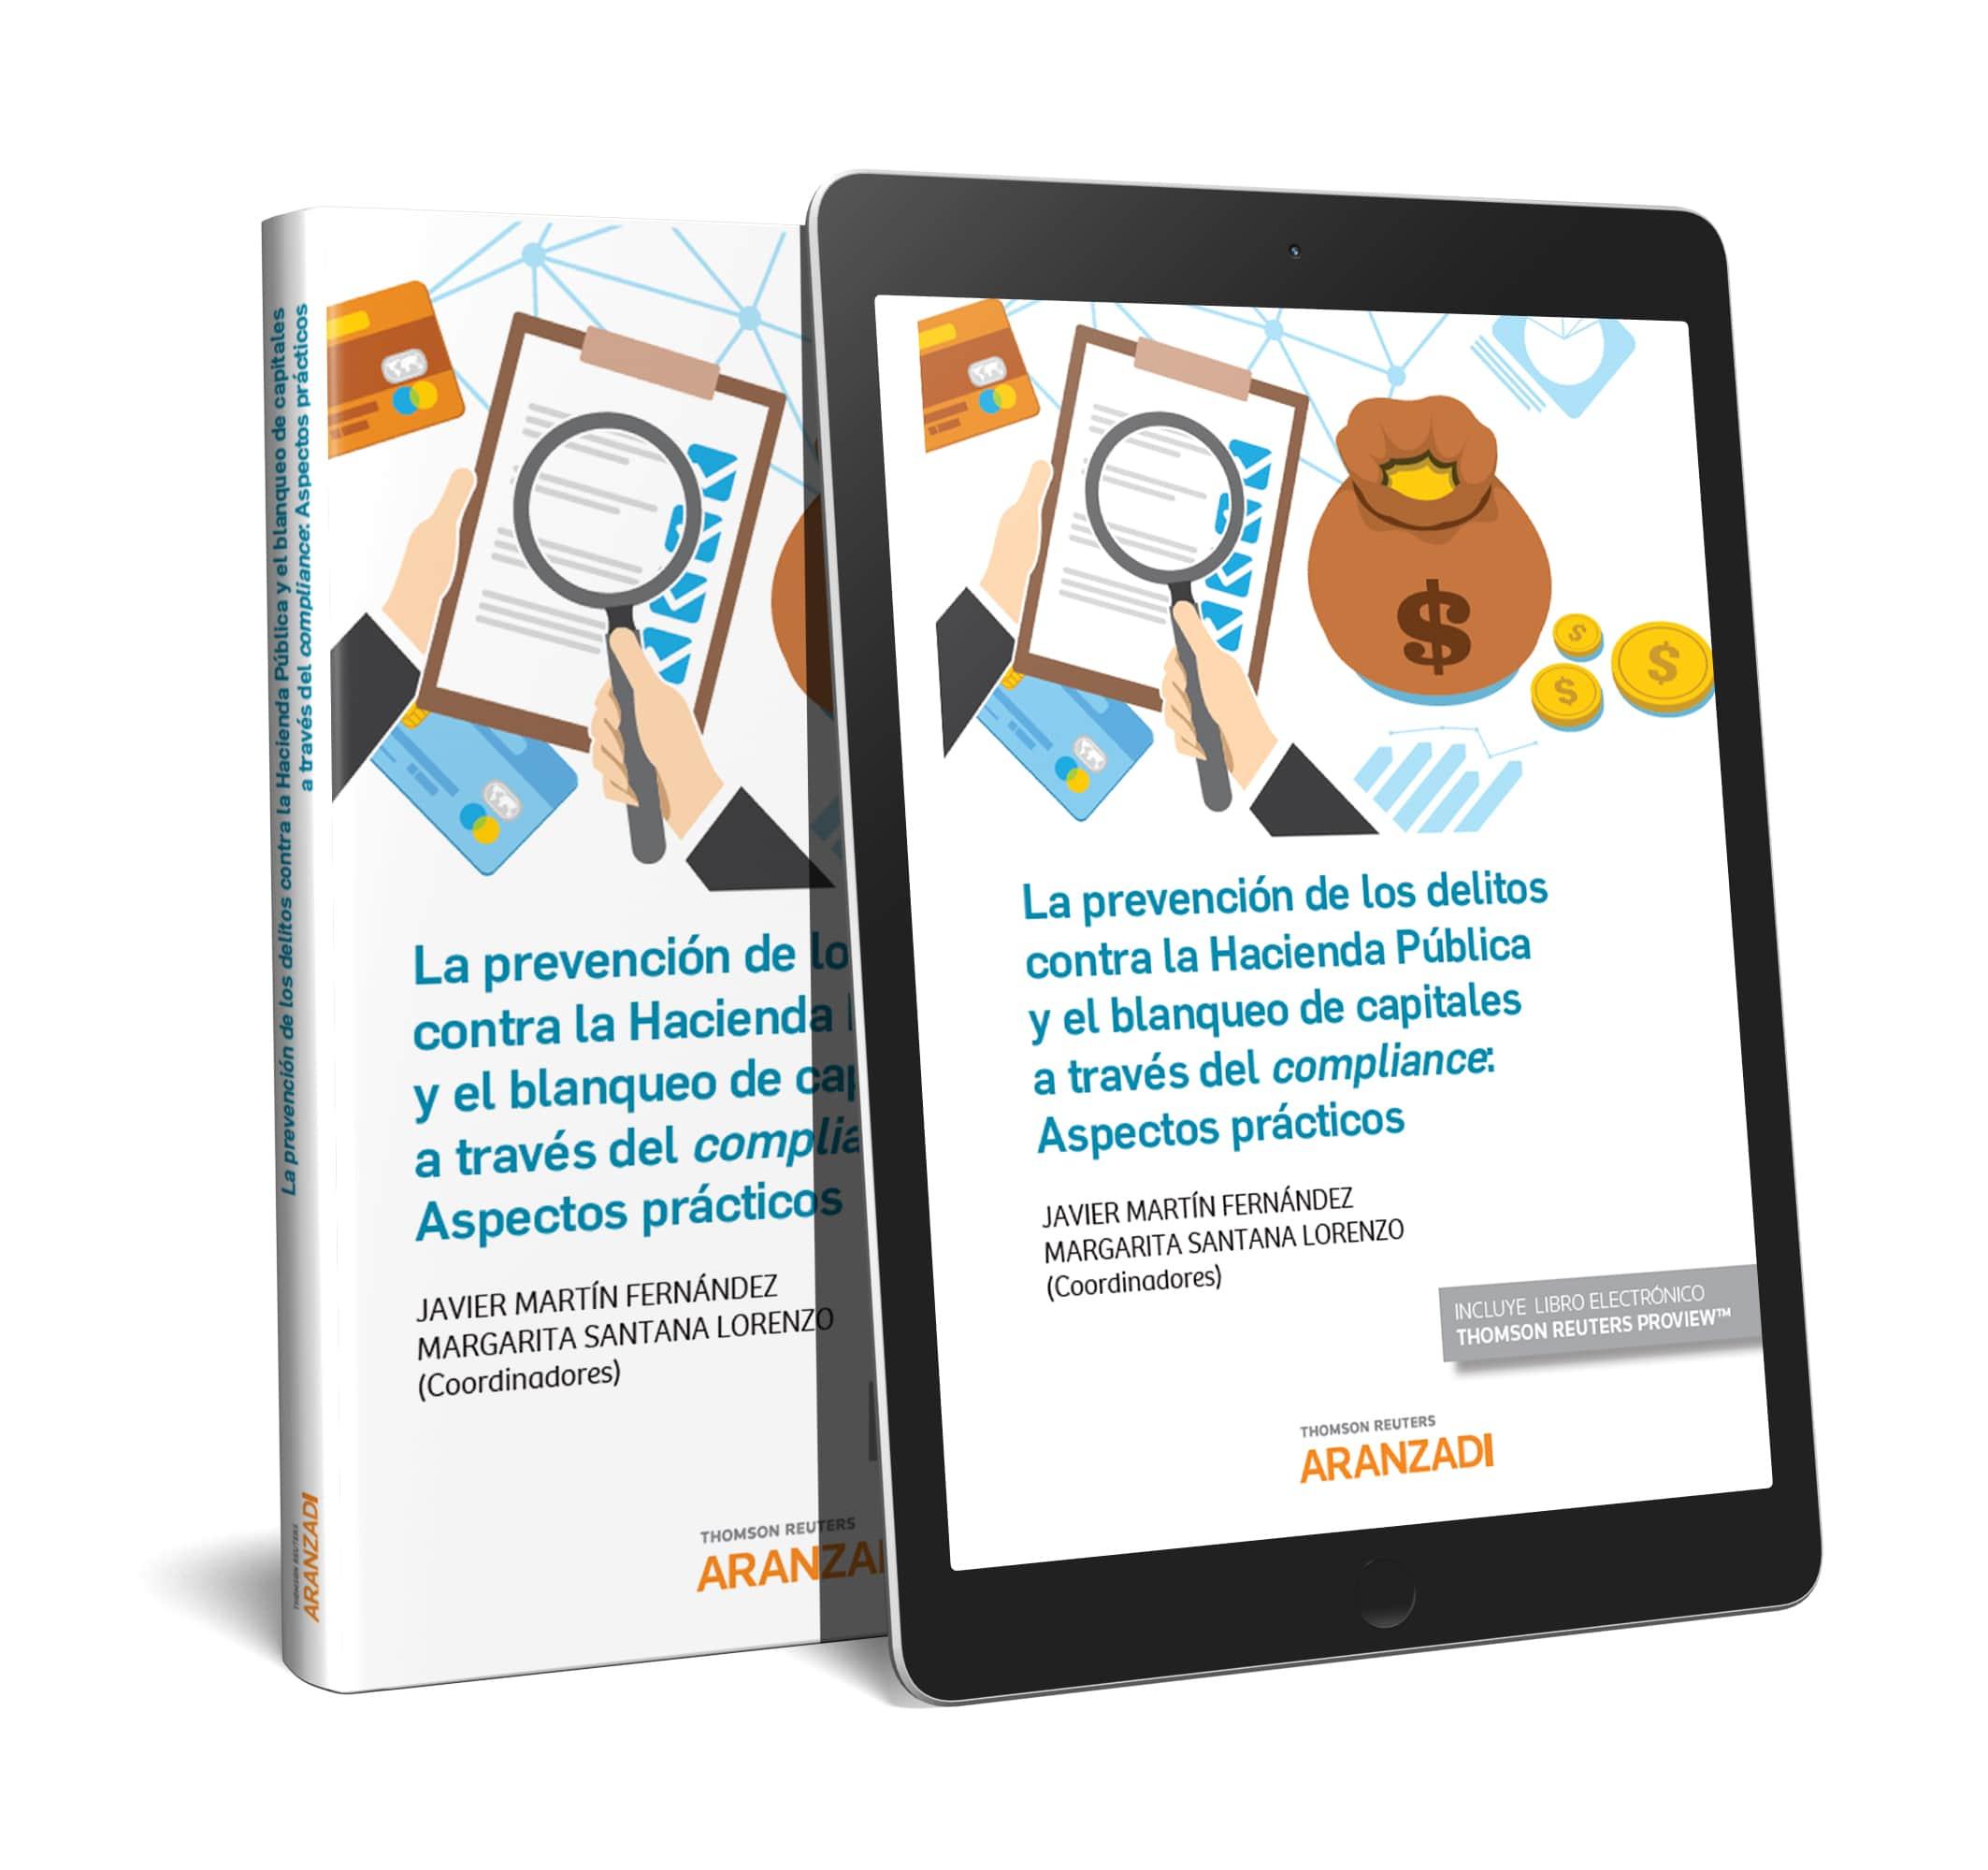 PREVENCION DE LOS DELITOS CONTRA LA HACIENDA PUBLICA Y EL BLANQUE «ASPECTOS PRACTICOS»